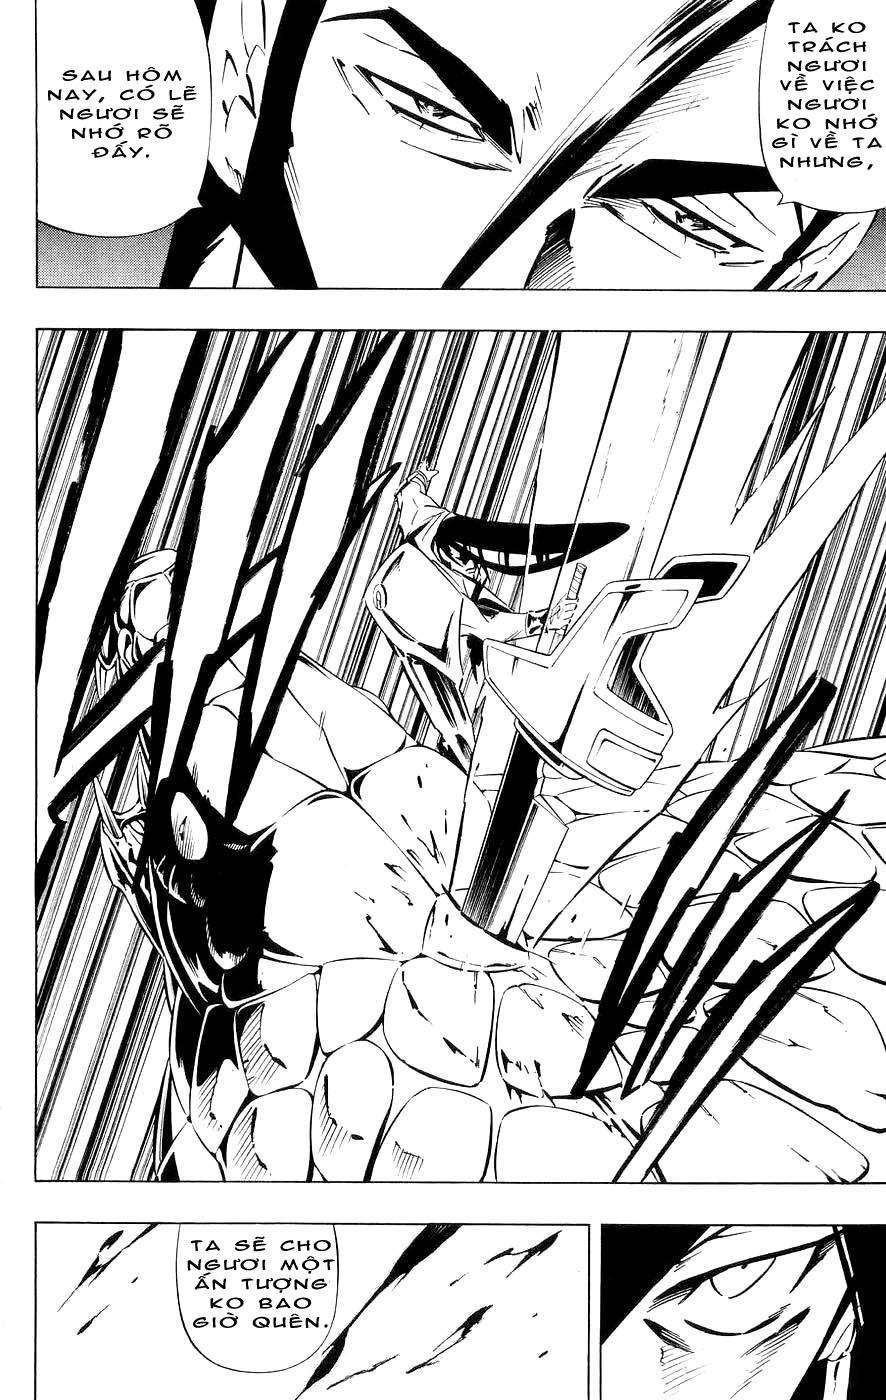 Shaman King [Vua pháp thuật] chap 268 trang 6